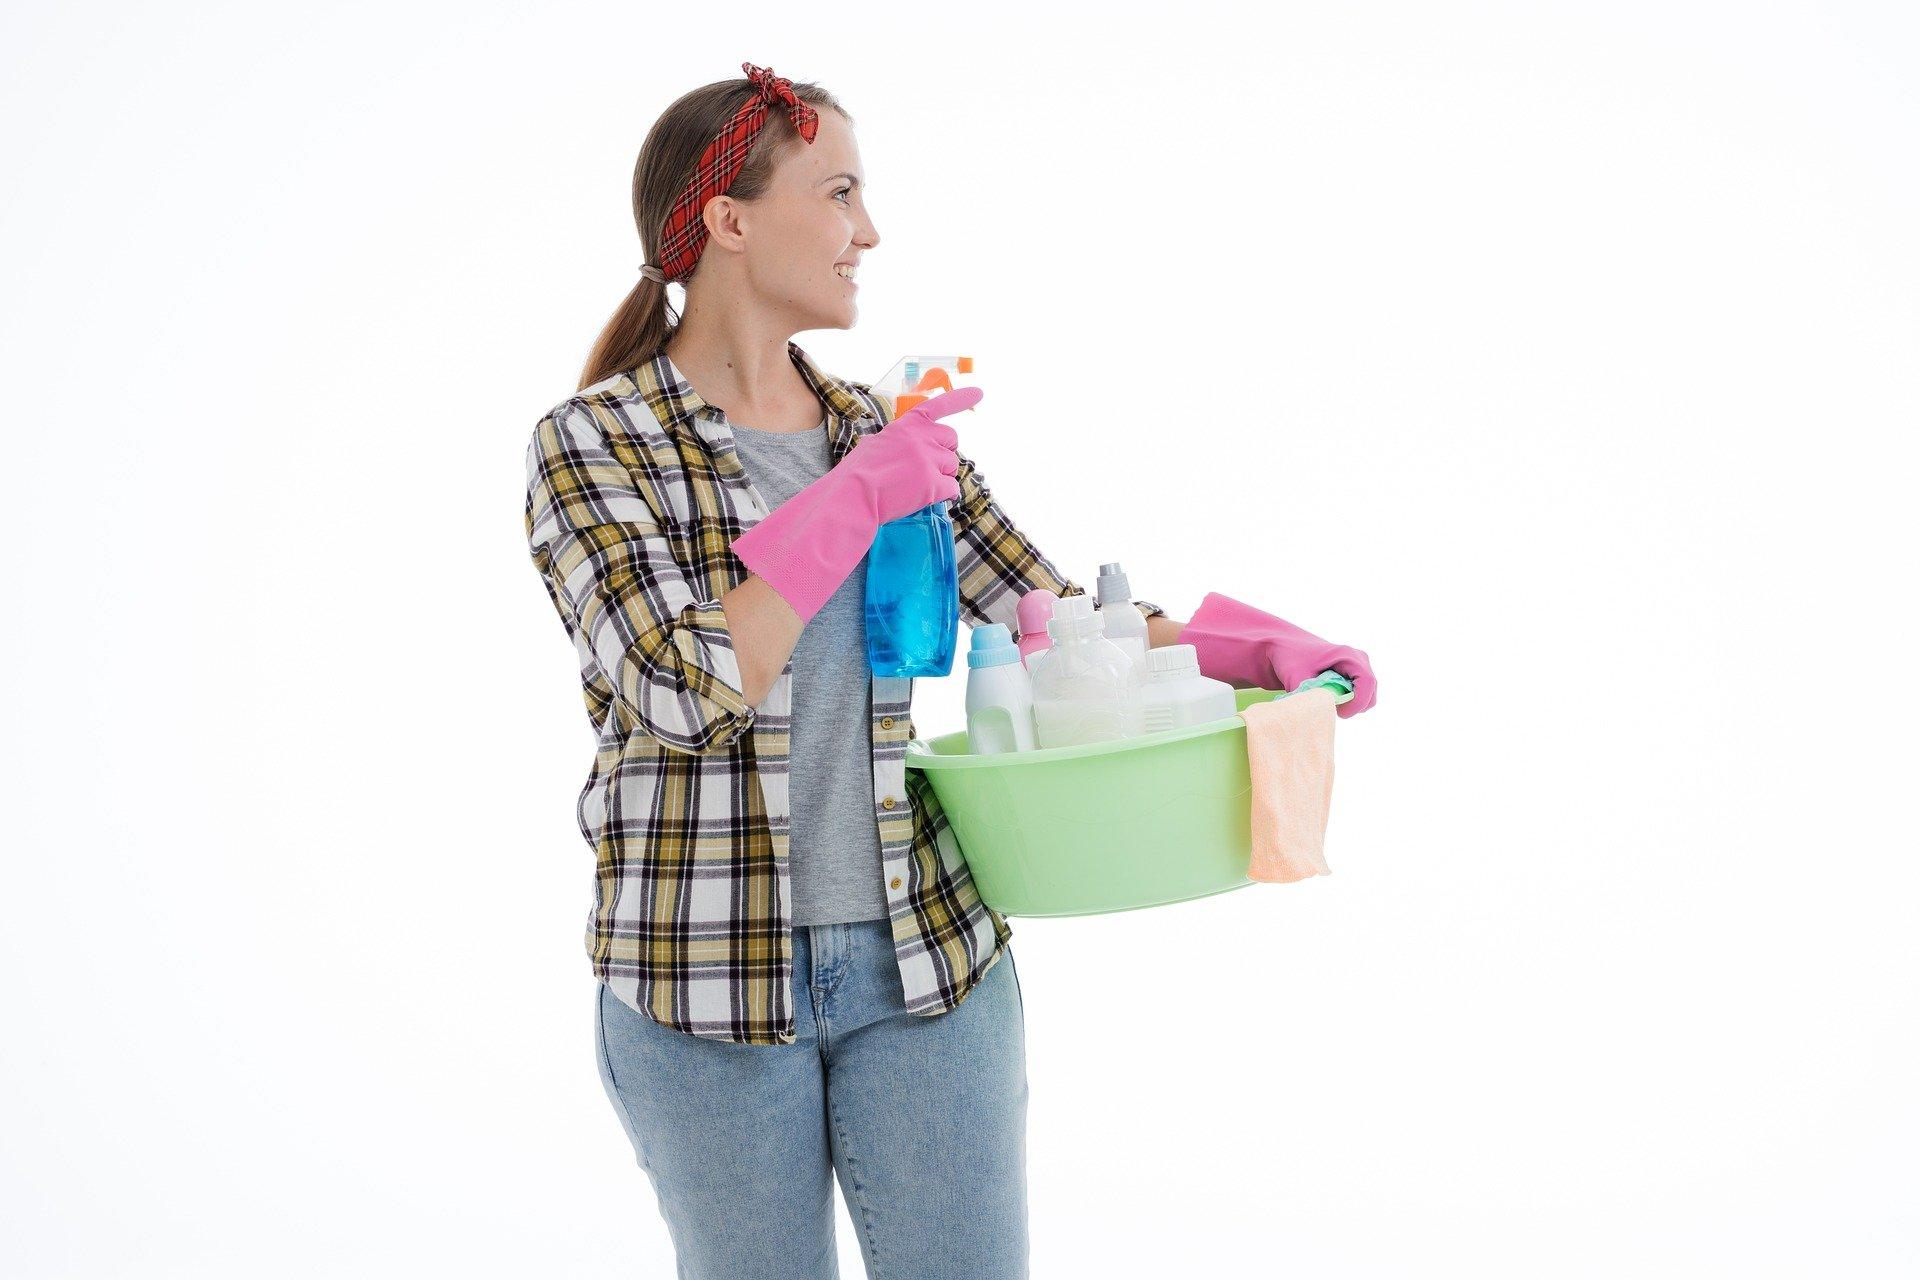 Schoonmaken cleanroom is van belang